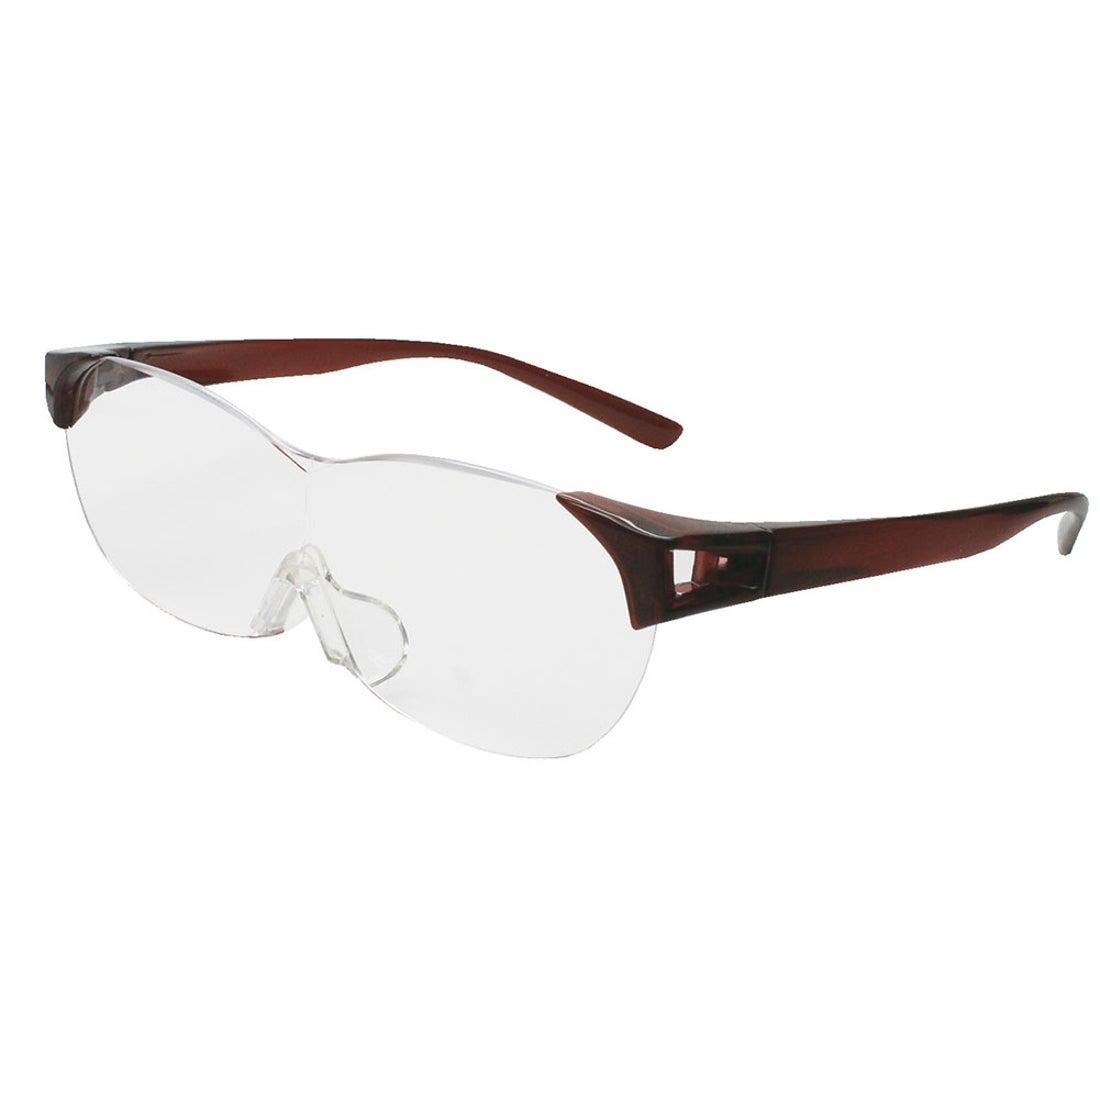 ノーブランド No Brand SMARTEYE スマートアイ 眼鏡タイプ SM011 SL105 (ダークワイン)